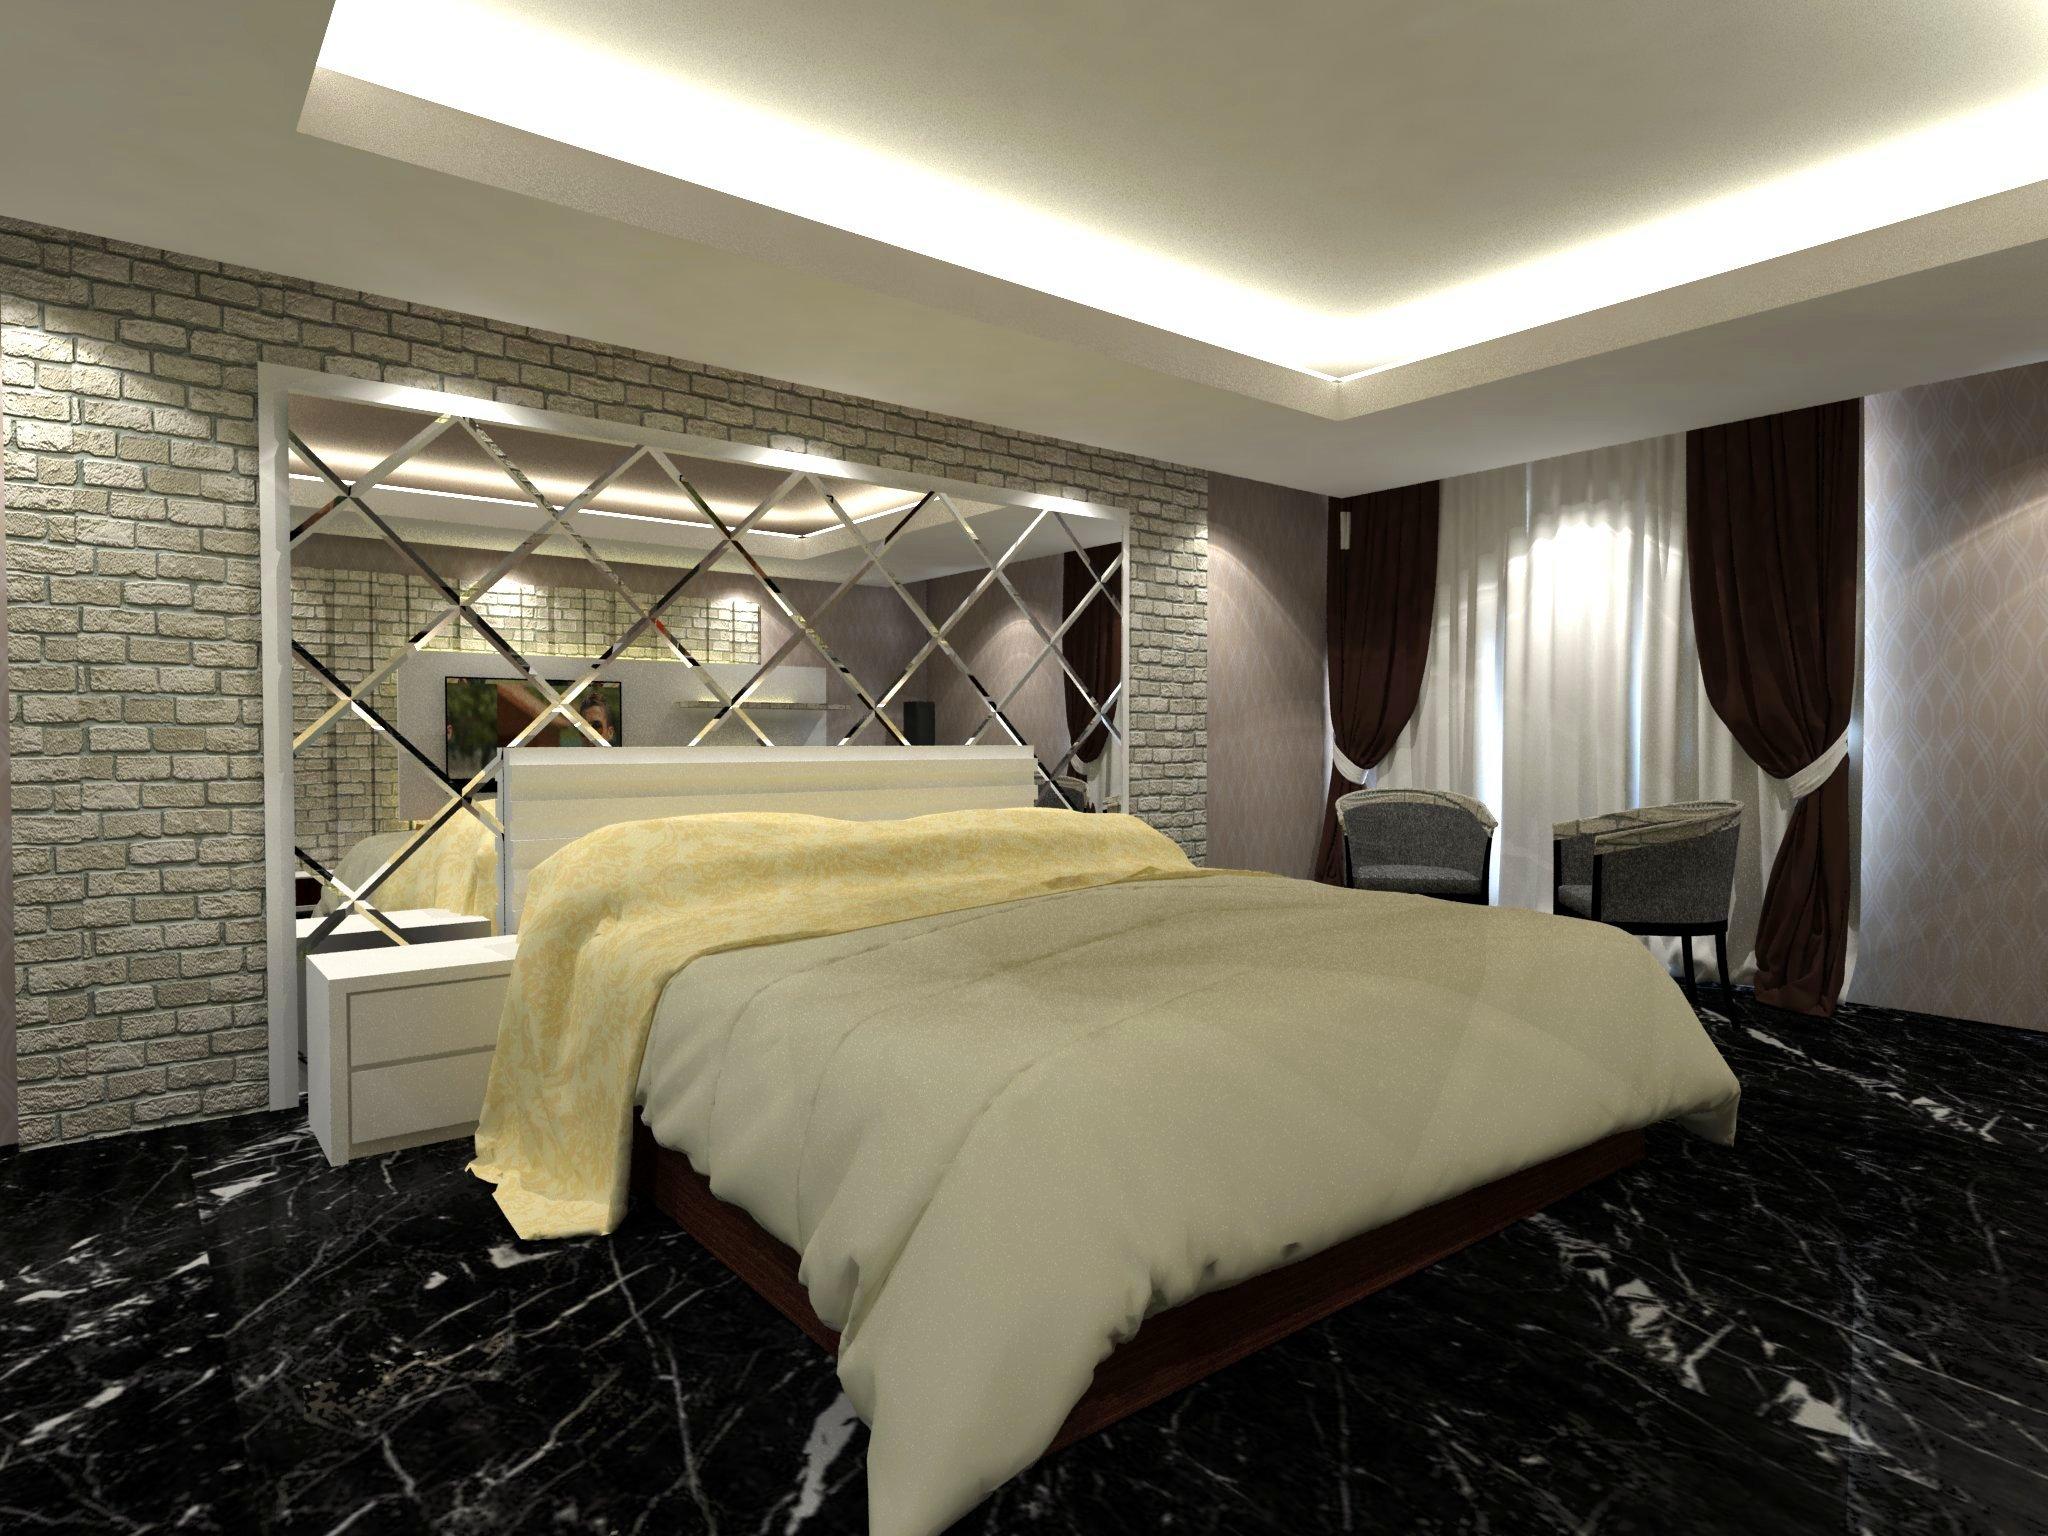 bedroom set interior design di tomang, jakarta barat